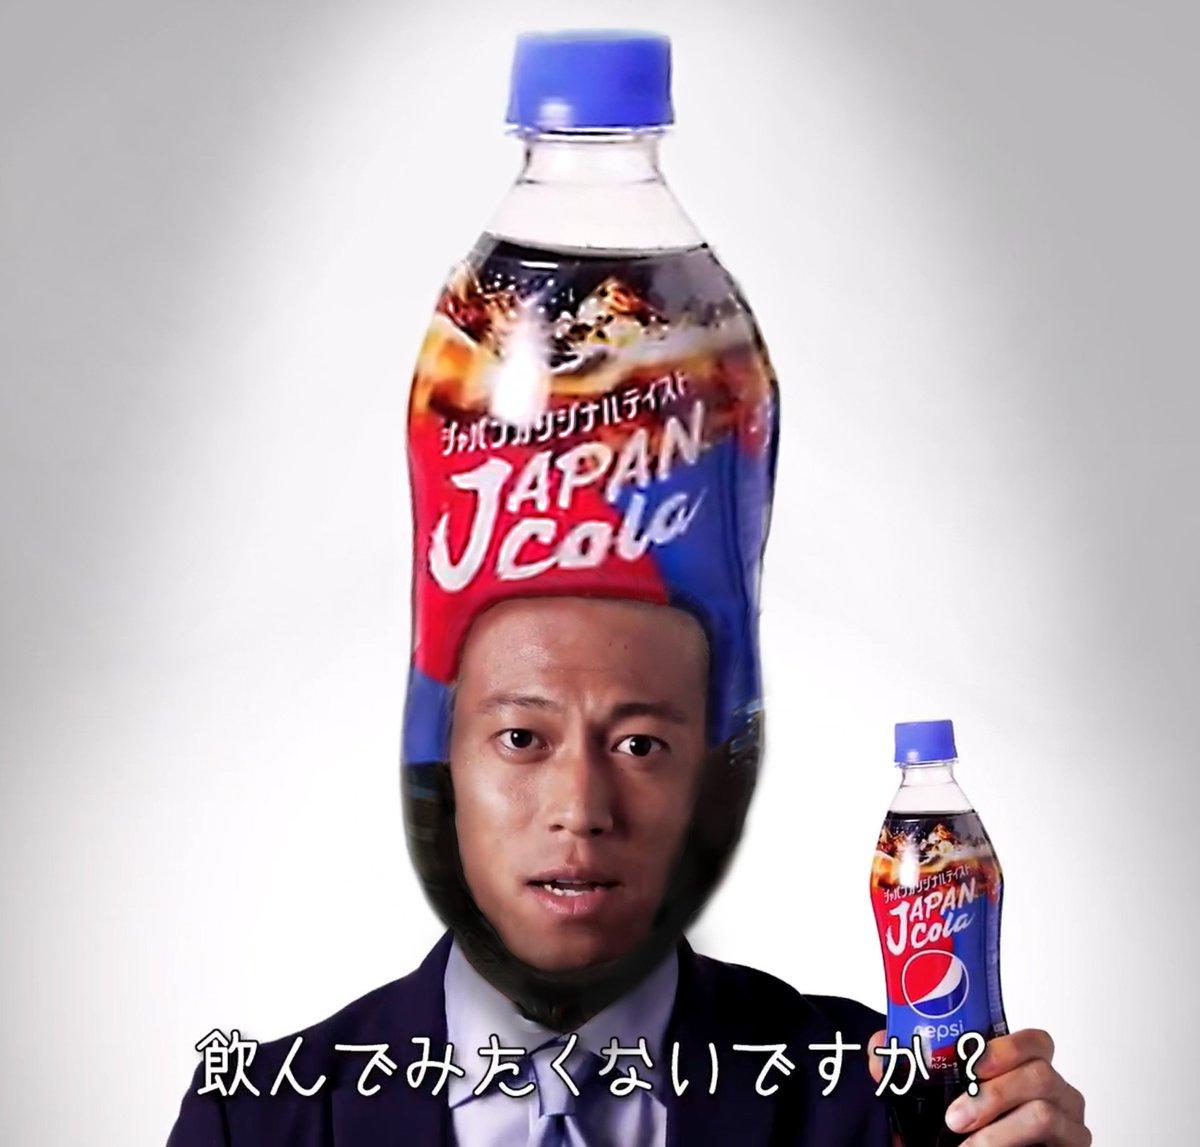 ペプシジャパンコーラと化した本田圭佑 pic.twitter.com/MTGPExLPnT